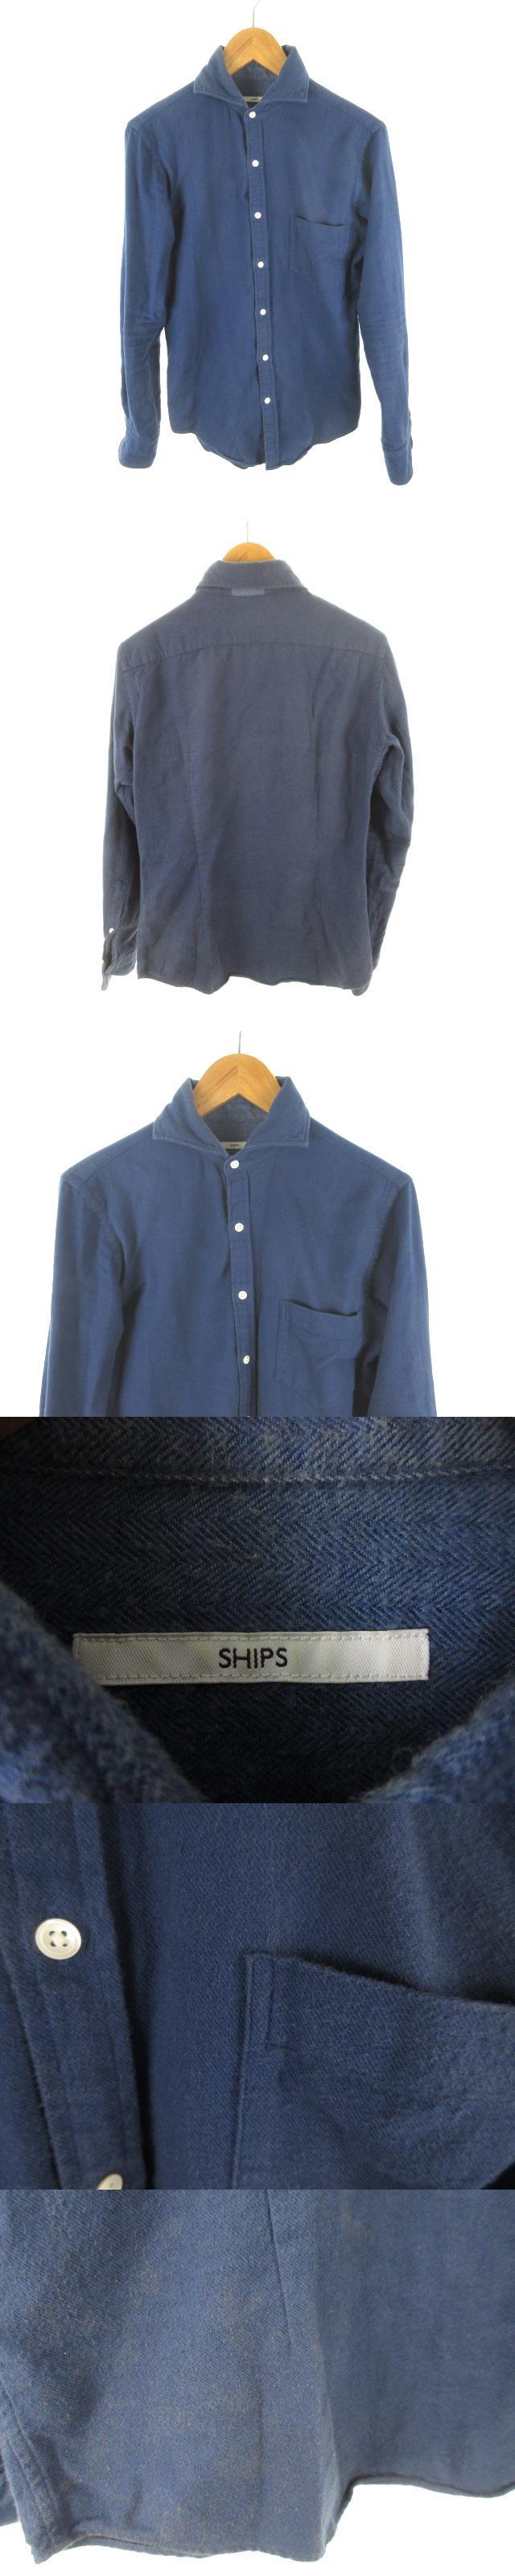 シャツ 長袖 イタリアンカラー 紺 ネイビー コットン S トップス